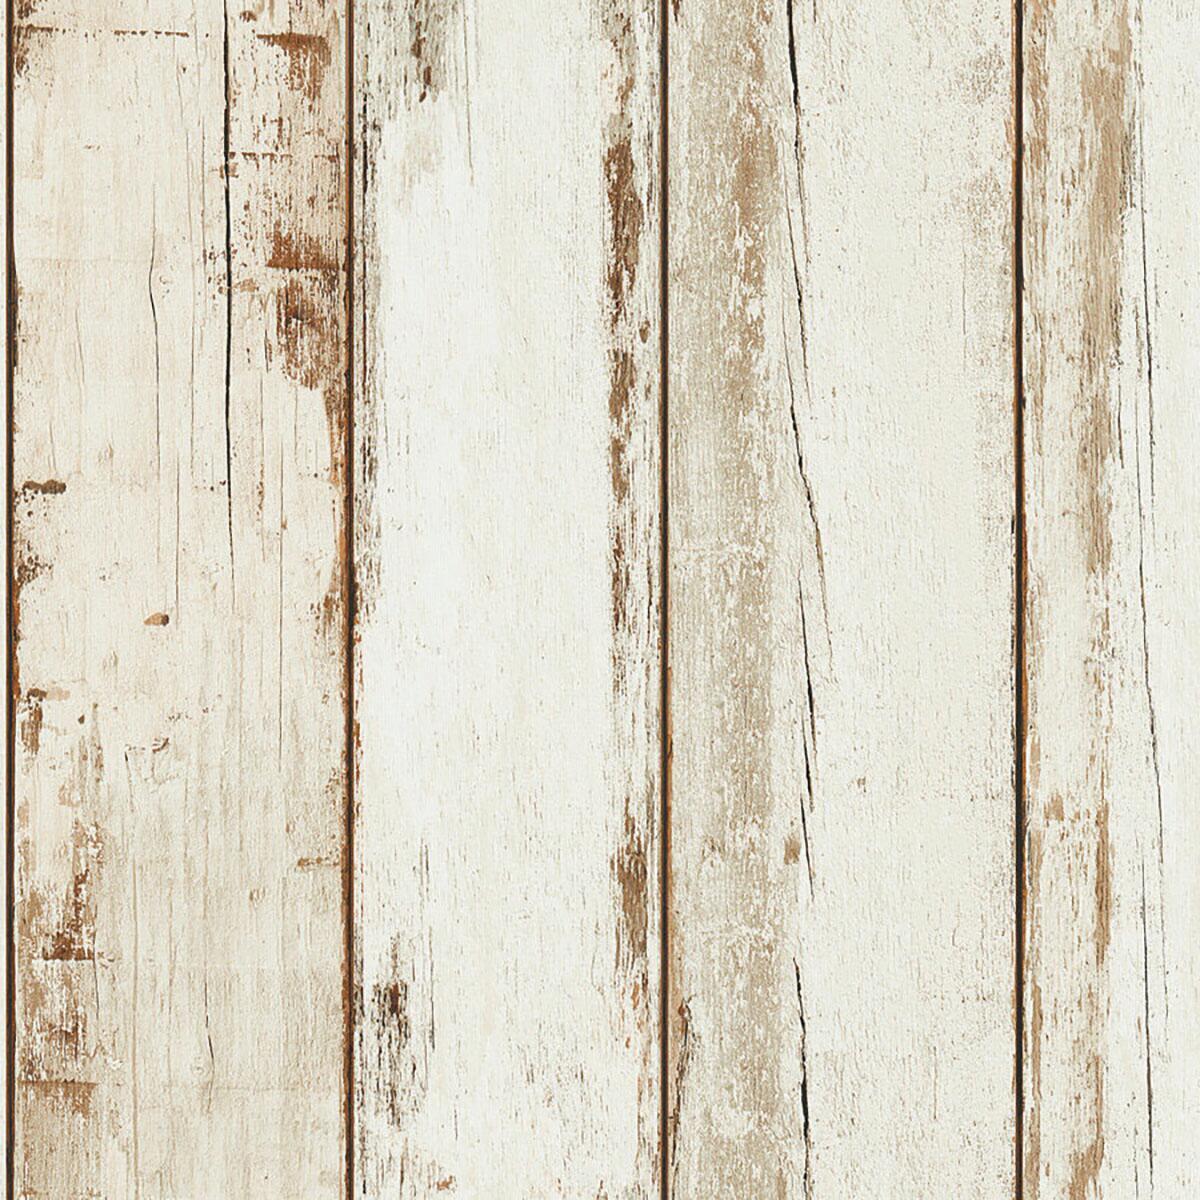 Carta da parati effetto legno multicolor shabby chic in pvc su tnt natural look. Carta Da Parati Doghe Legno Beige 53 Cm X 10 M Leroy Merlin